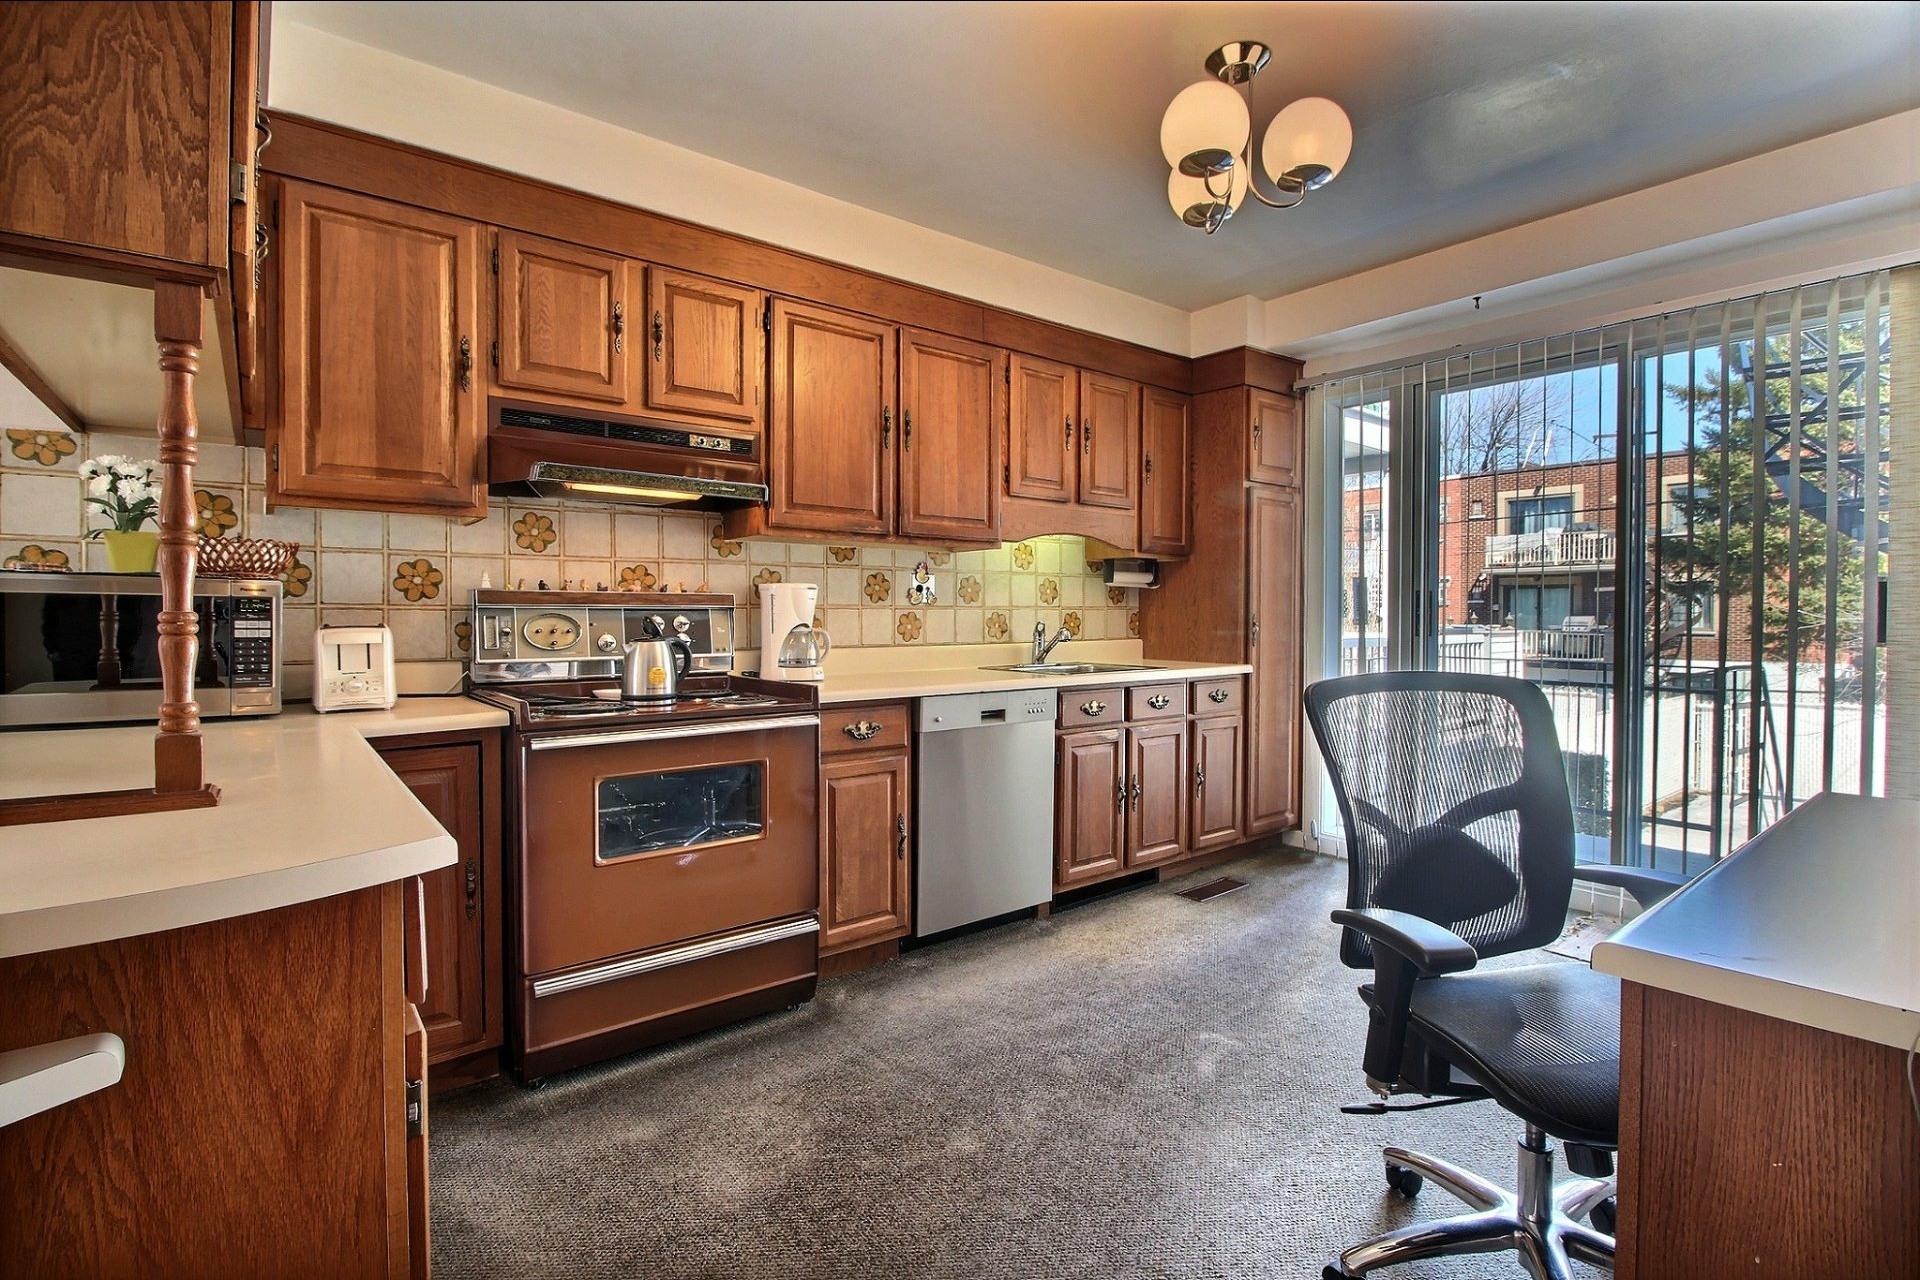 image 7 - Duplex À vendre Montréal Rivière-des-Prairies/Pointe-aux-Trembles  - 6 pièces